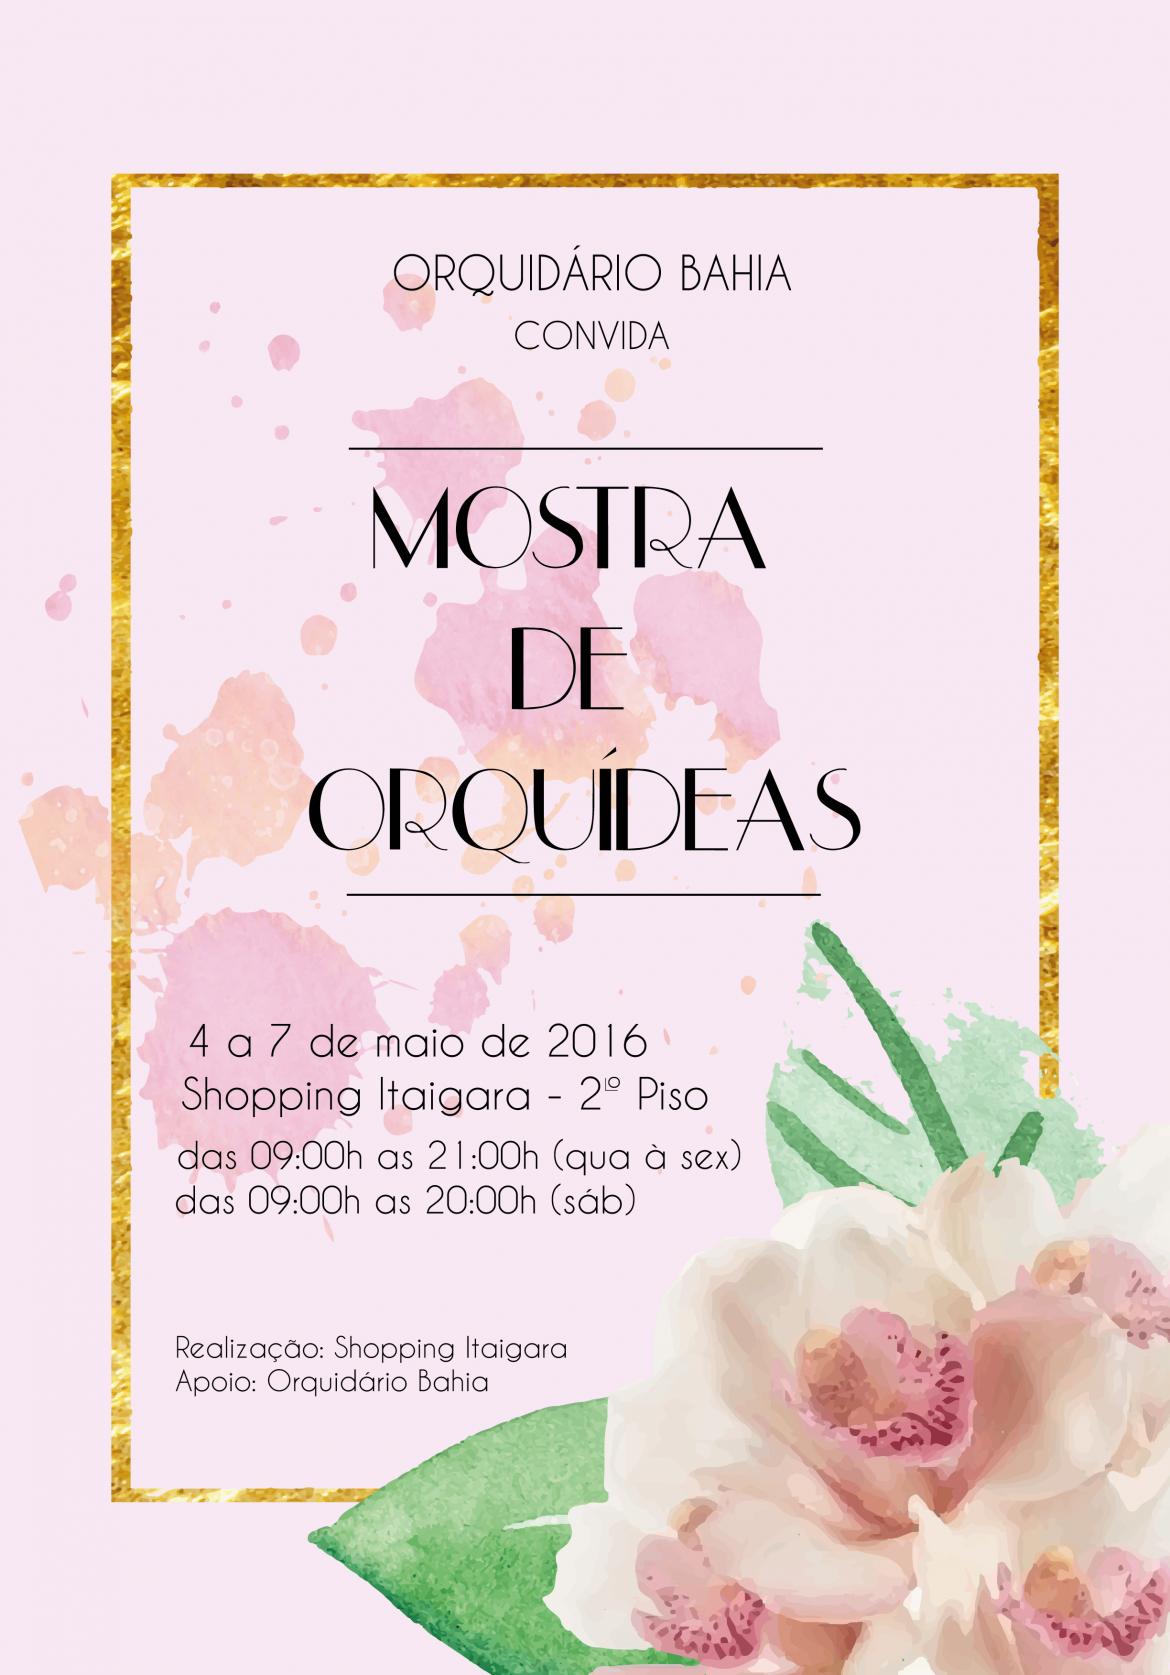 Mostra de Orquideas no Shopping Itaigara